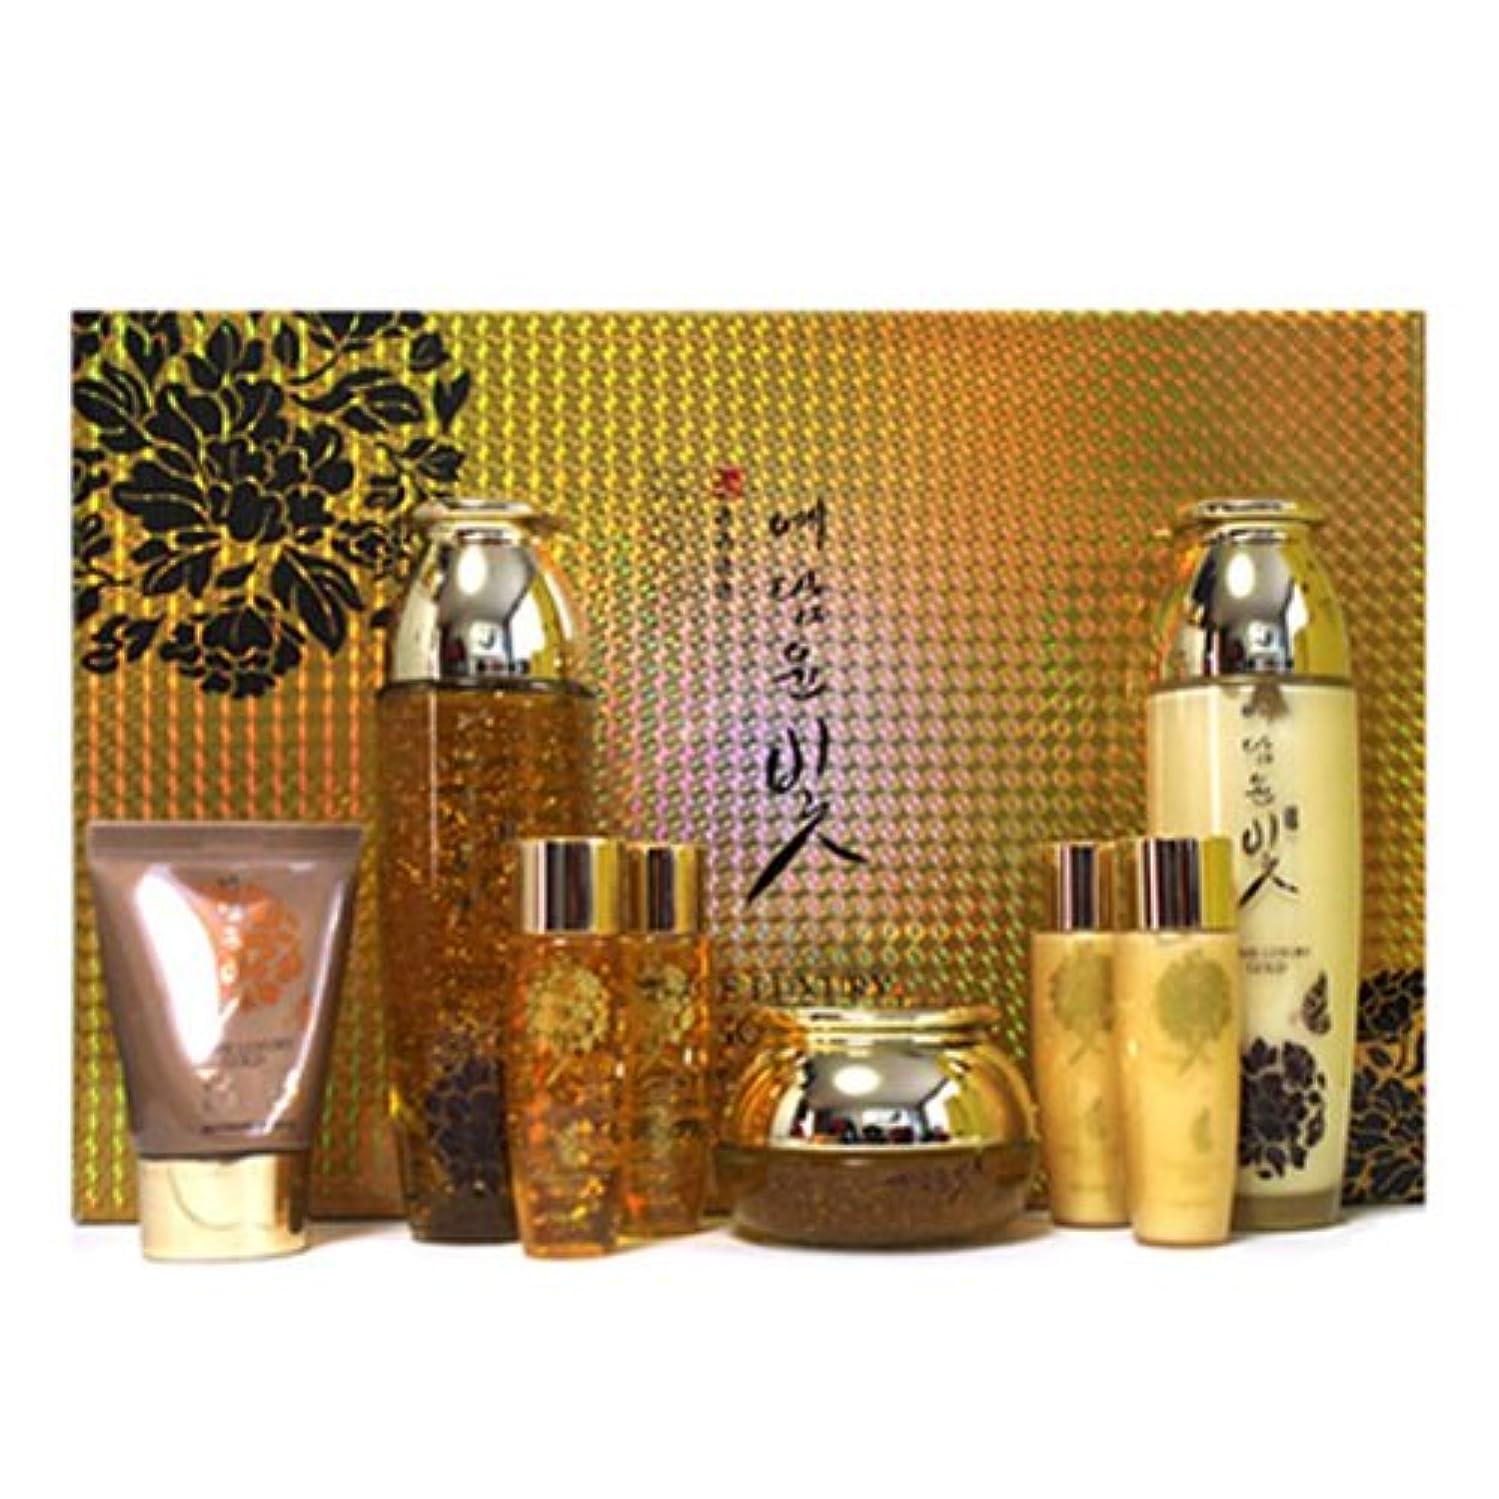 ロープに渡って援助イェダムユンビト[韓国コスメYedam Yun Bit]Prime Luxury Gold Skin Care Set プライムラグジュアリーゴールドスキンケア4セット 樹液 乳液 クリーム/ BBクリーム [並行輸入品]